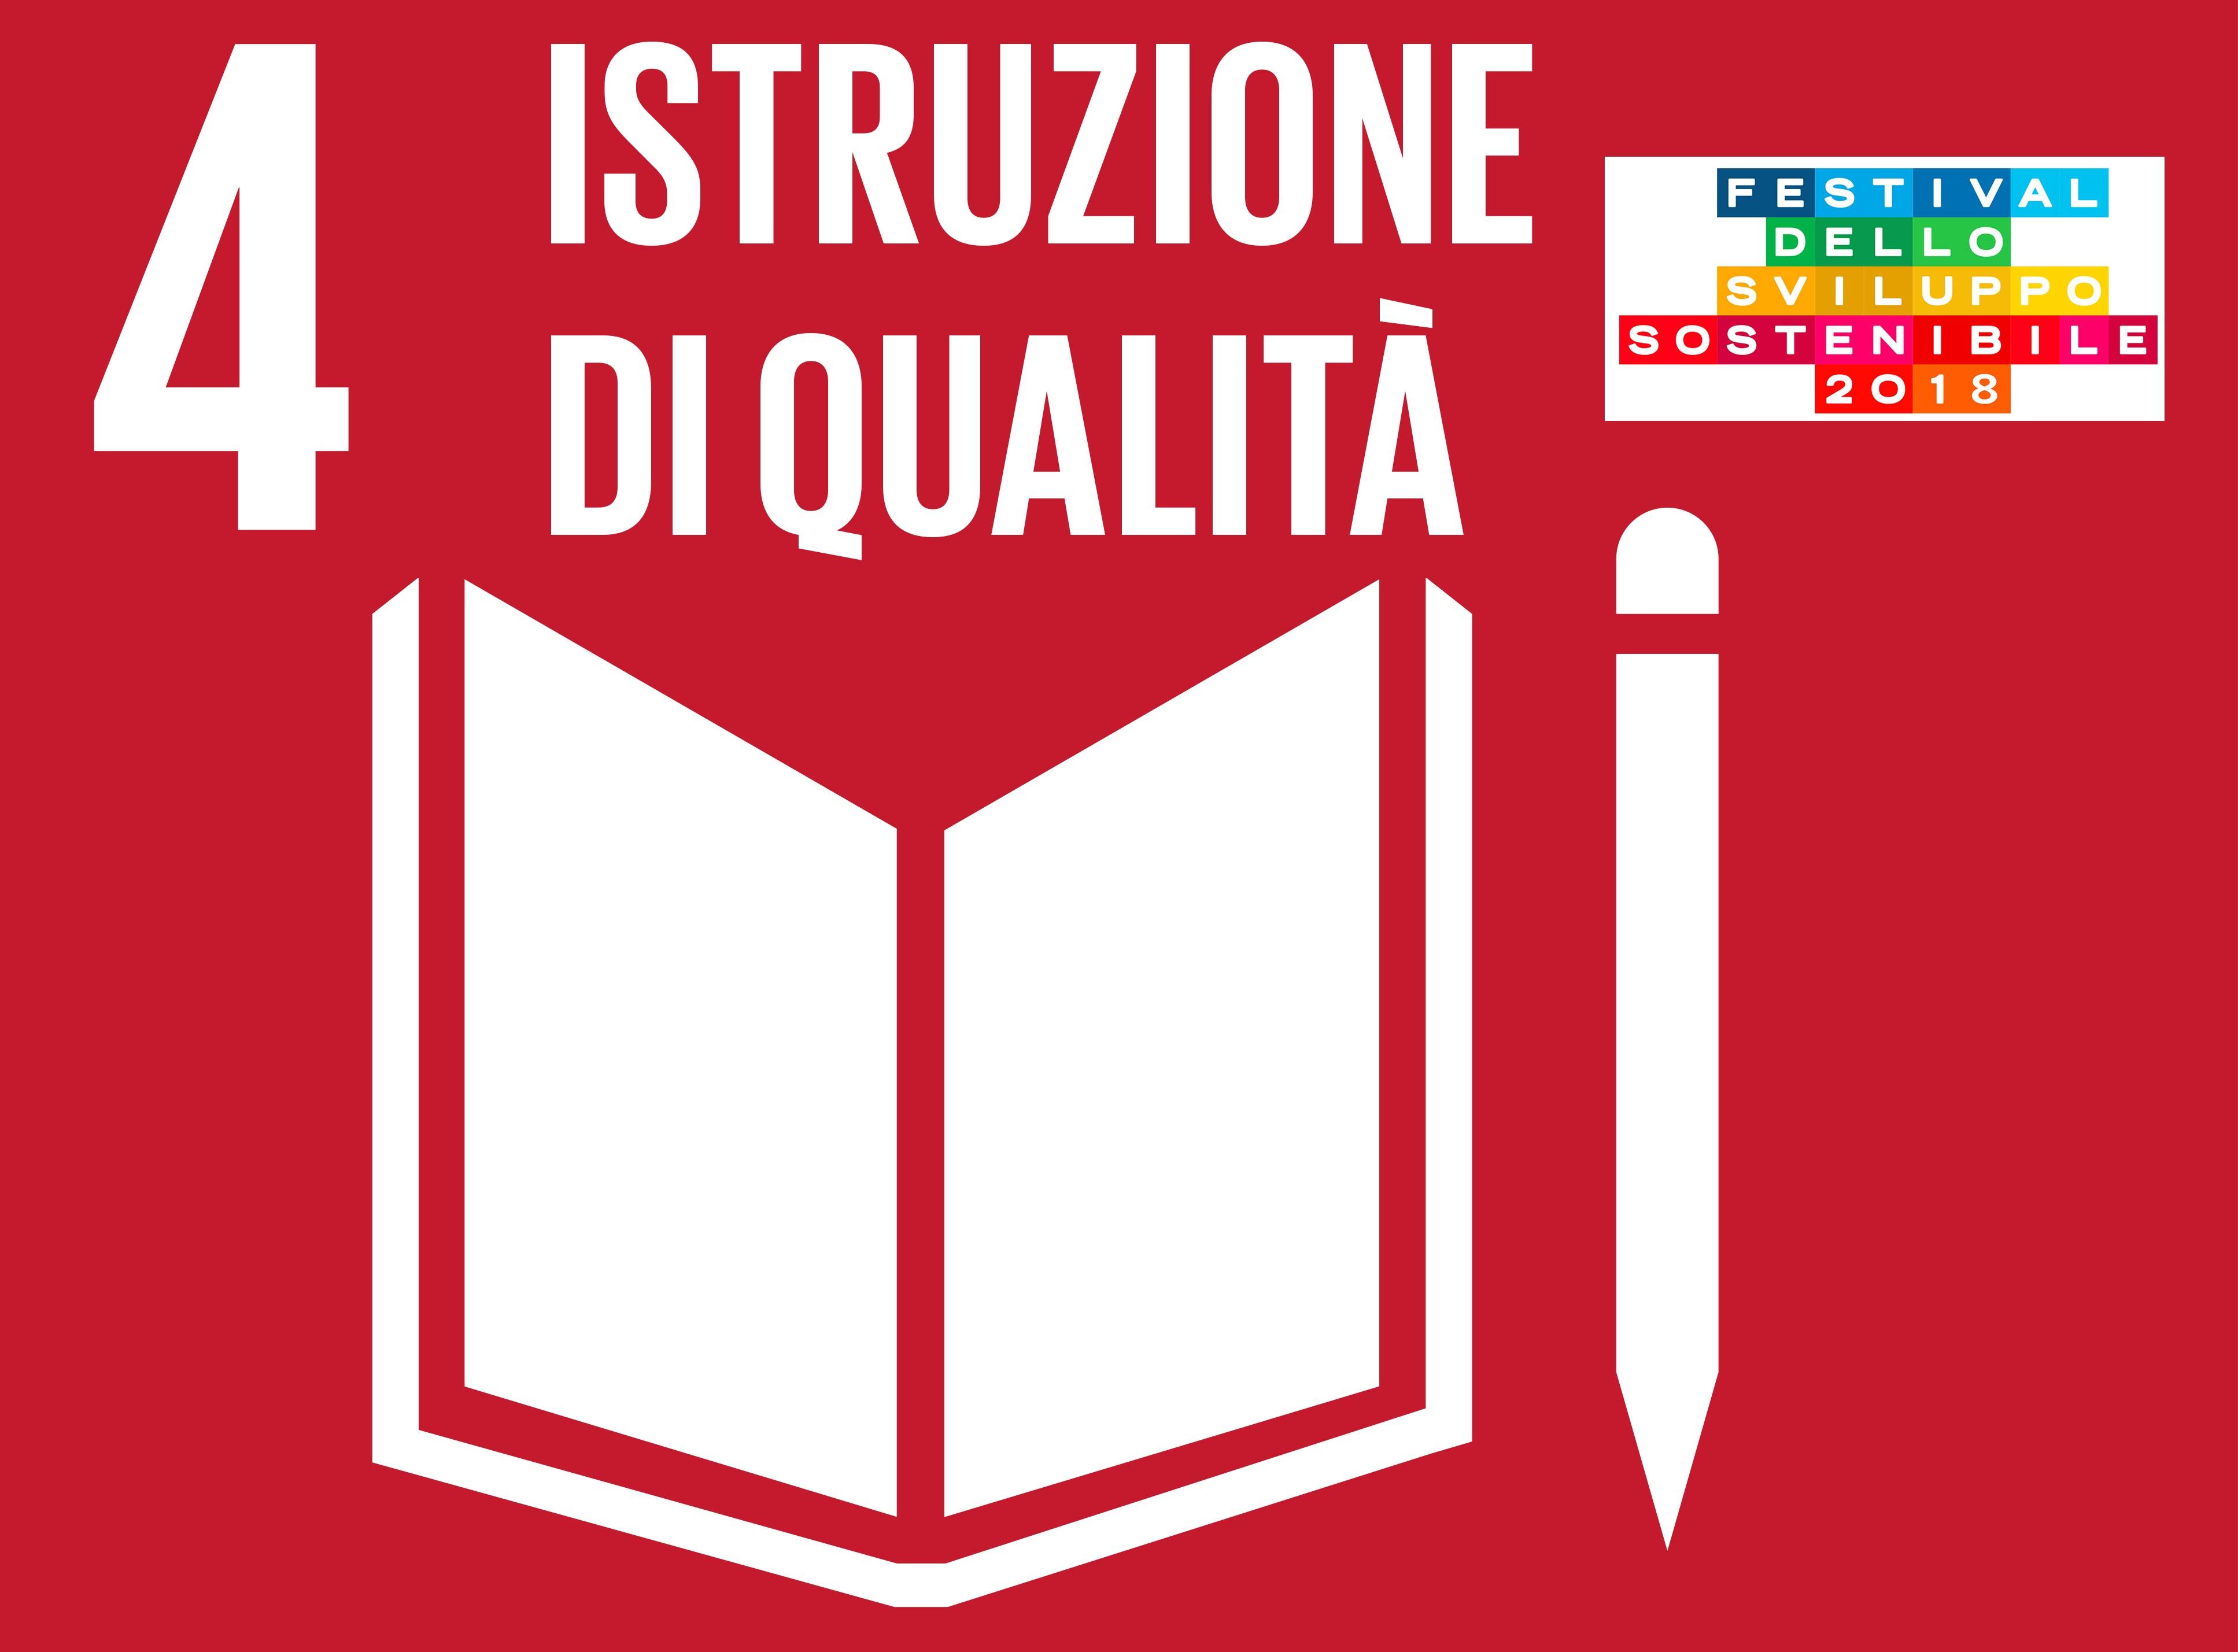 Festival dello Sviluppo Sostenibile Parma. SDG 4: Istruzione di Qualità